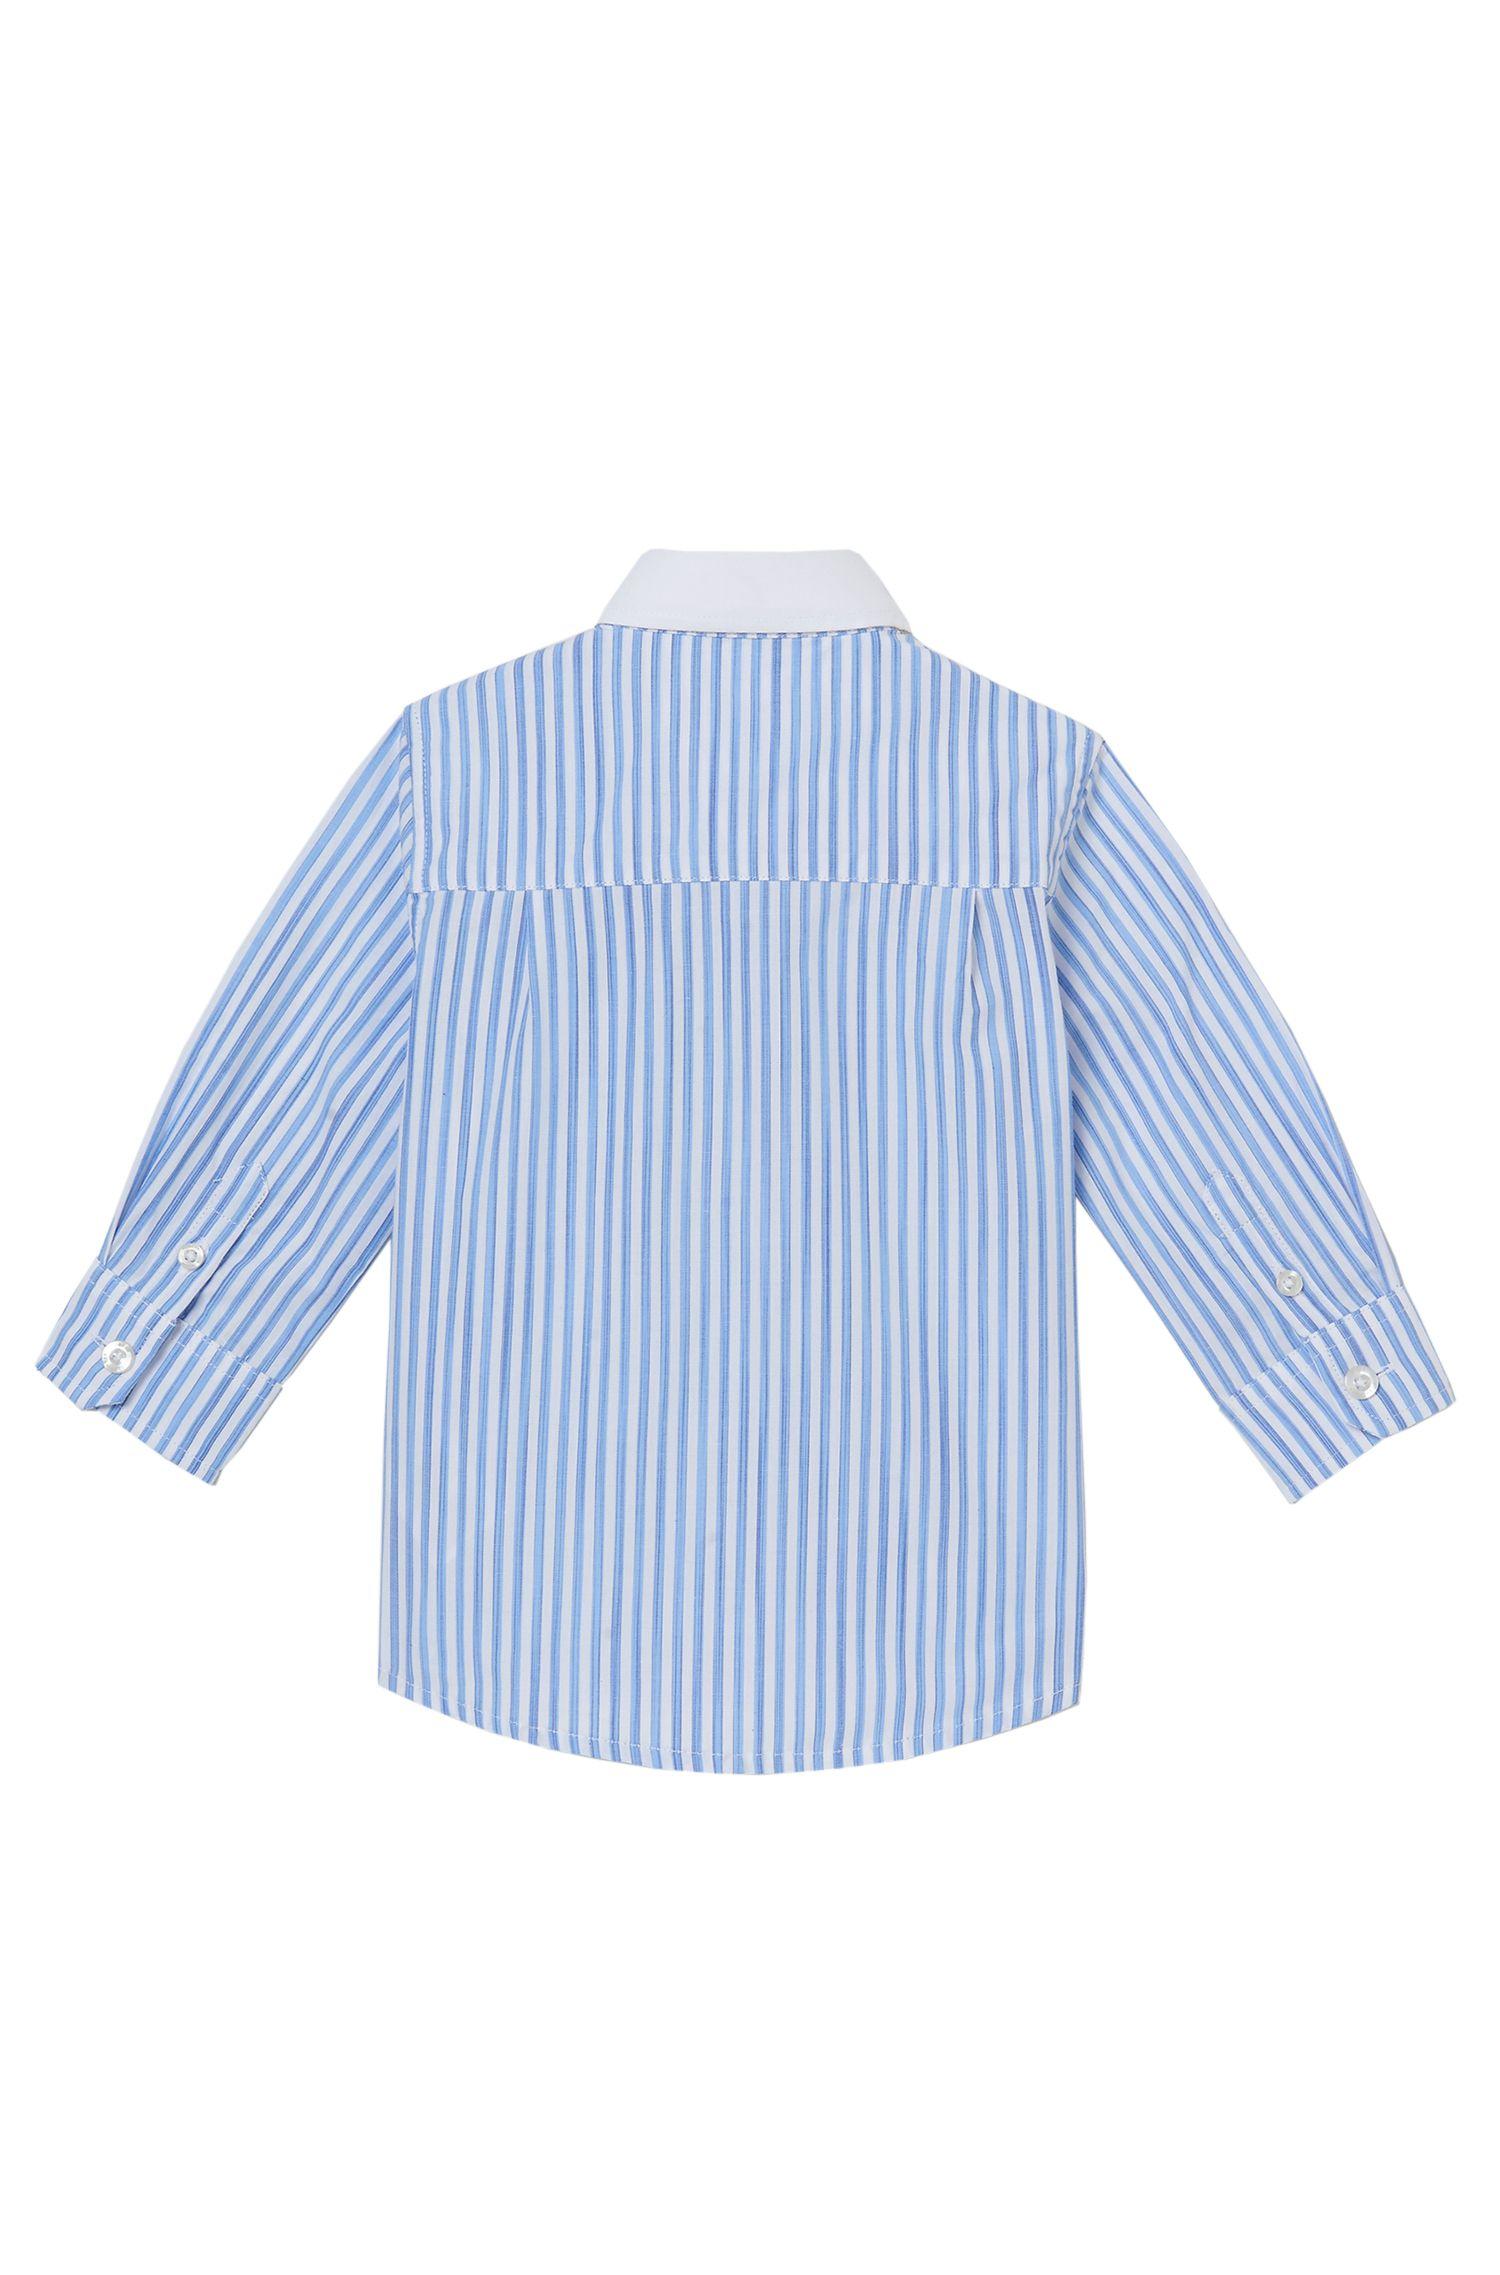 'J05467'   Toddler Cotton Striped Button Down Shirt